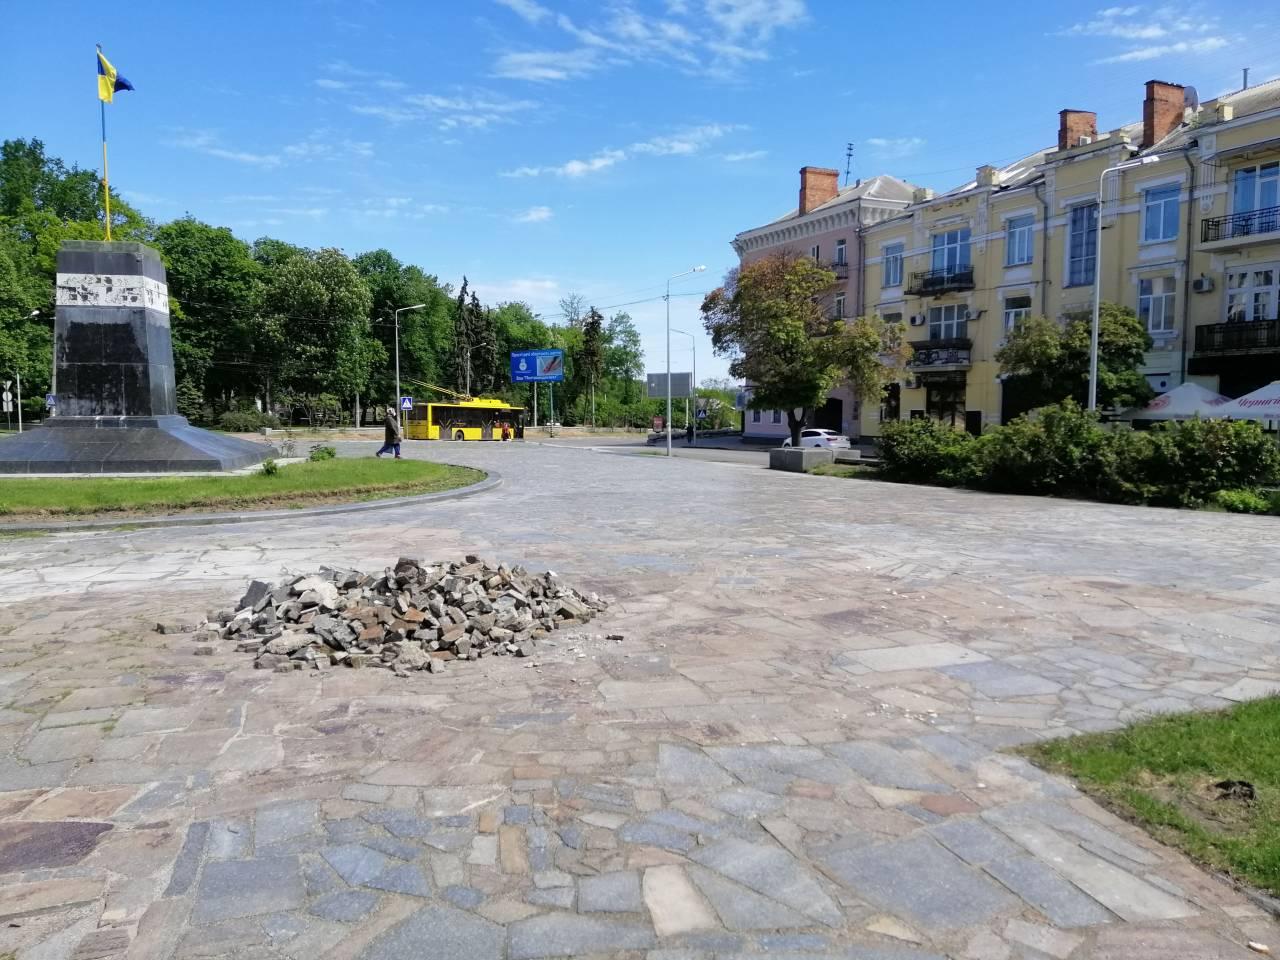 Cквер пам'яті Героїв України. Вирівняли провали, деякі з яких були по 20-30 см.